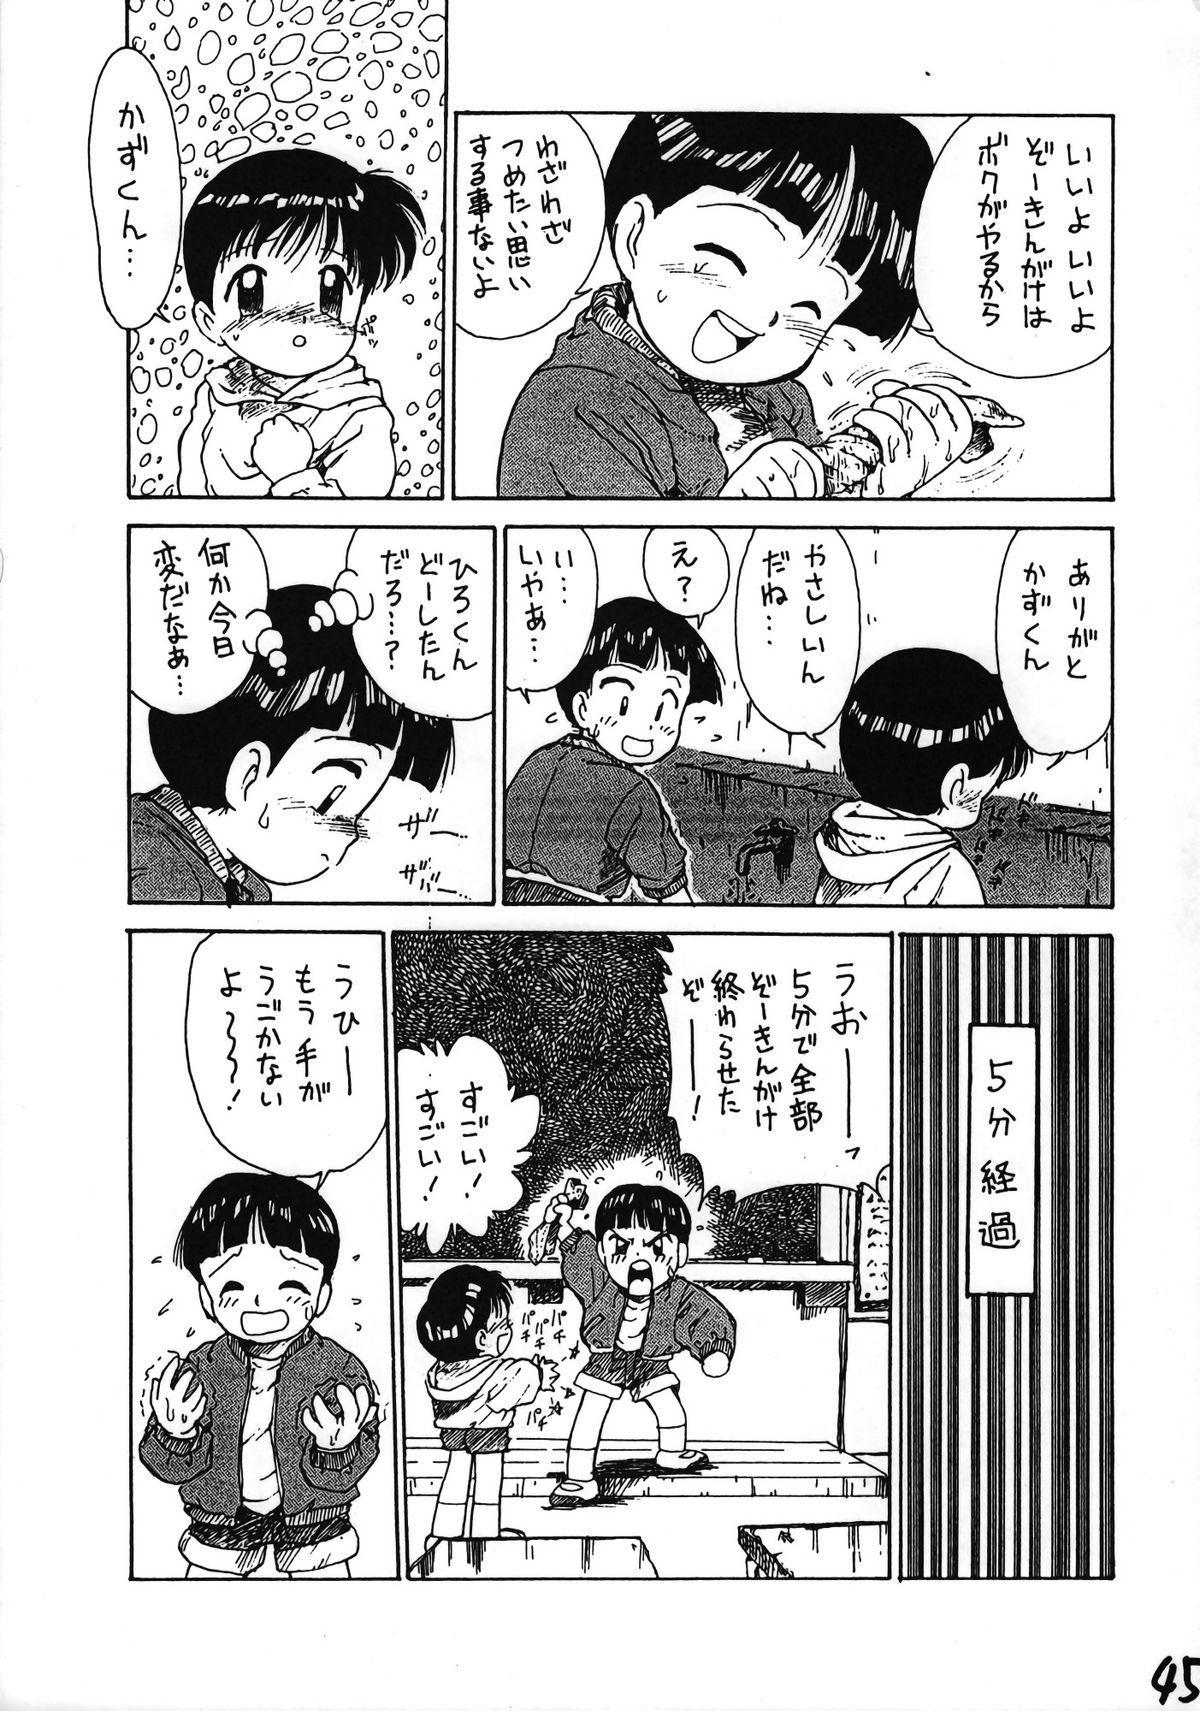 Ikenai! Otokonoko Hon Boy's H Book 2 45